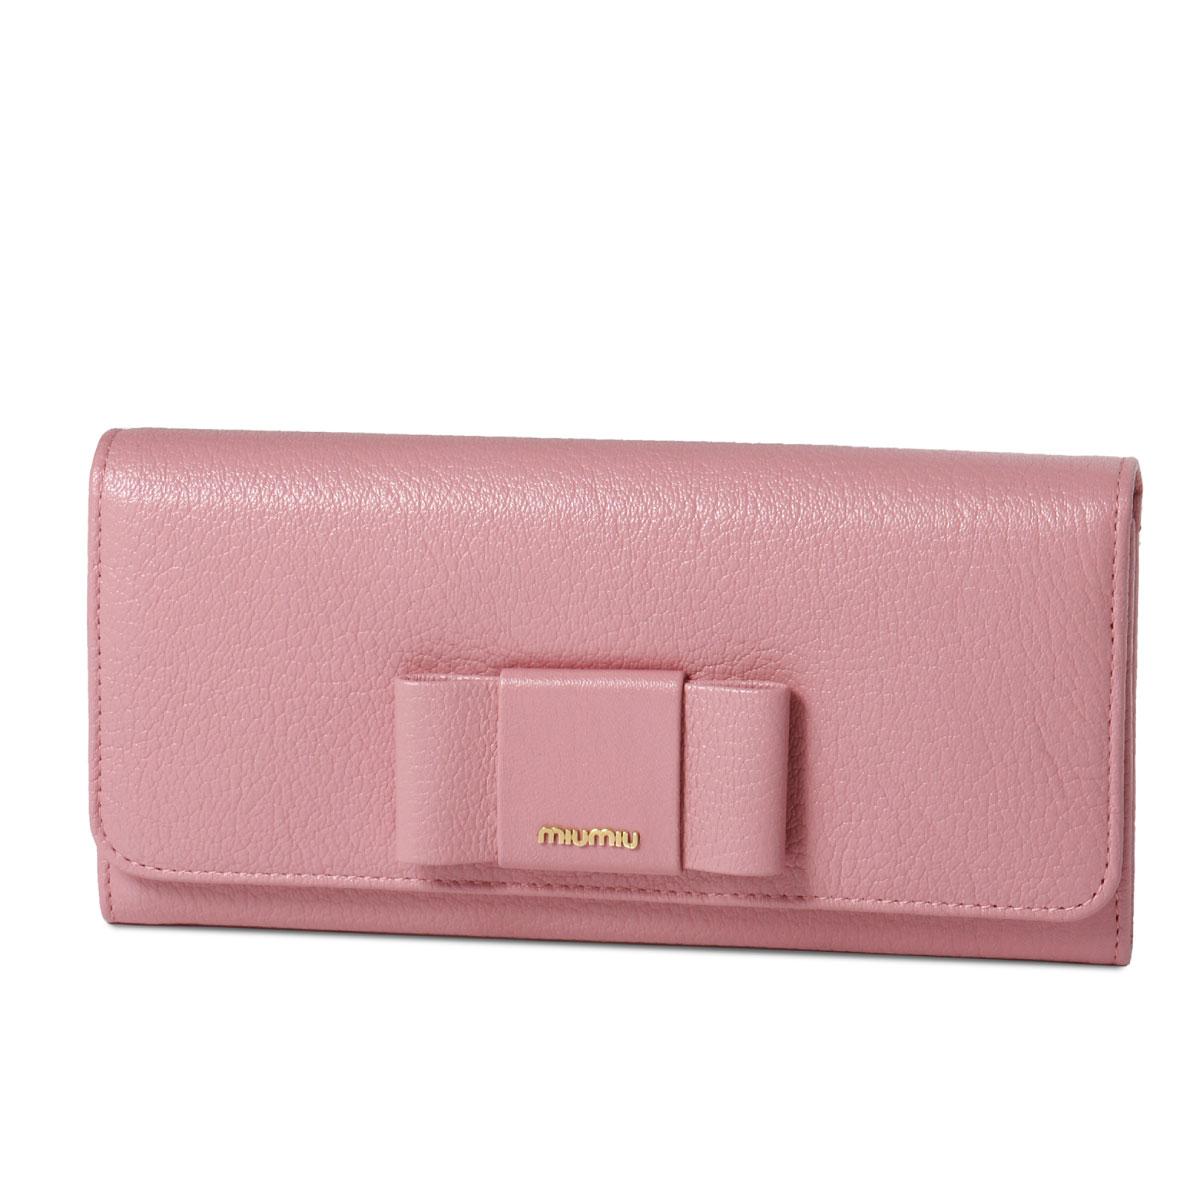 ミュウ ミュウ MIU MIU 財布 レディース 5MH109 2EW7 F0028 二つ折り長財布 MADRAS FIOCCO C ROSA ピンク